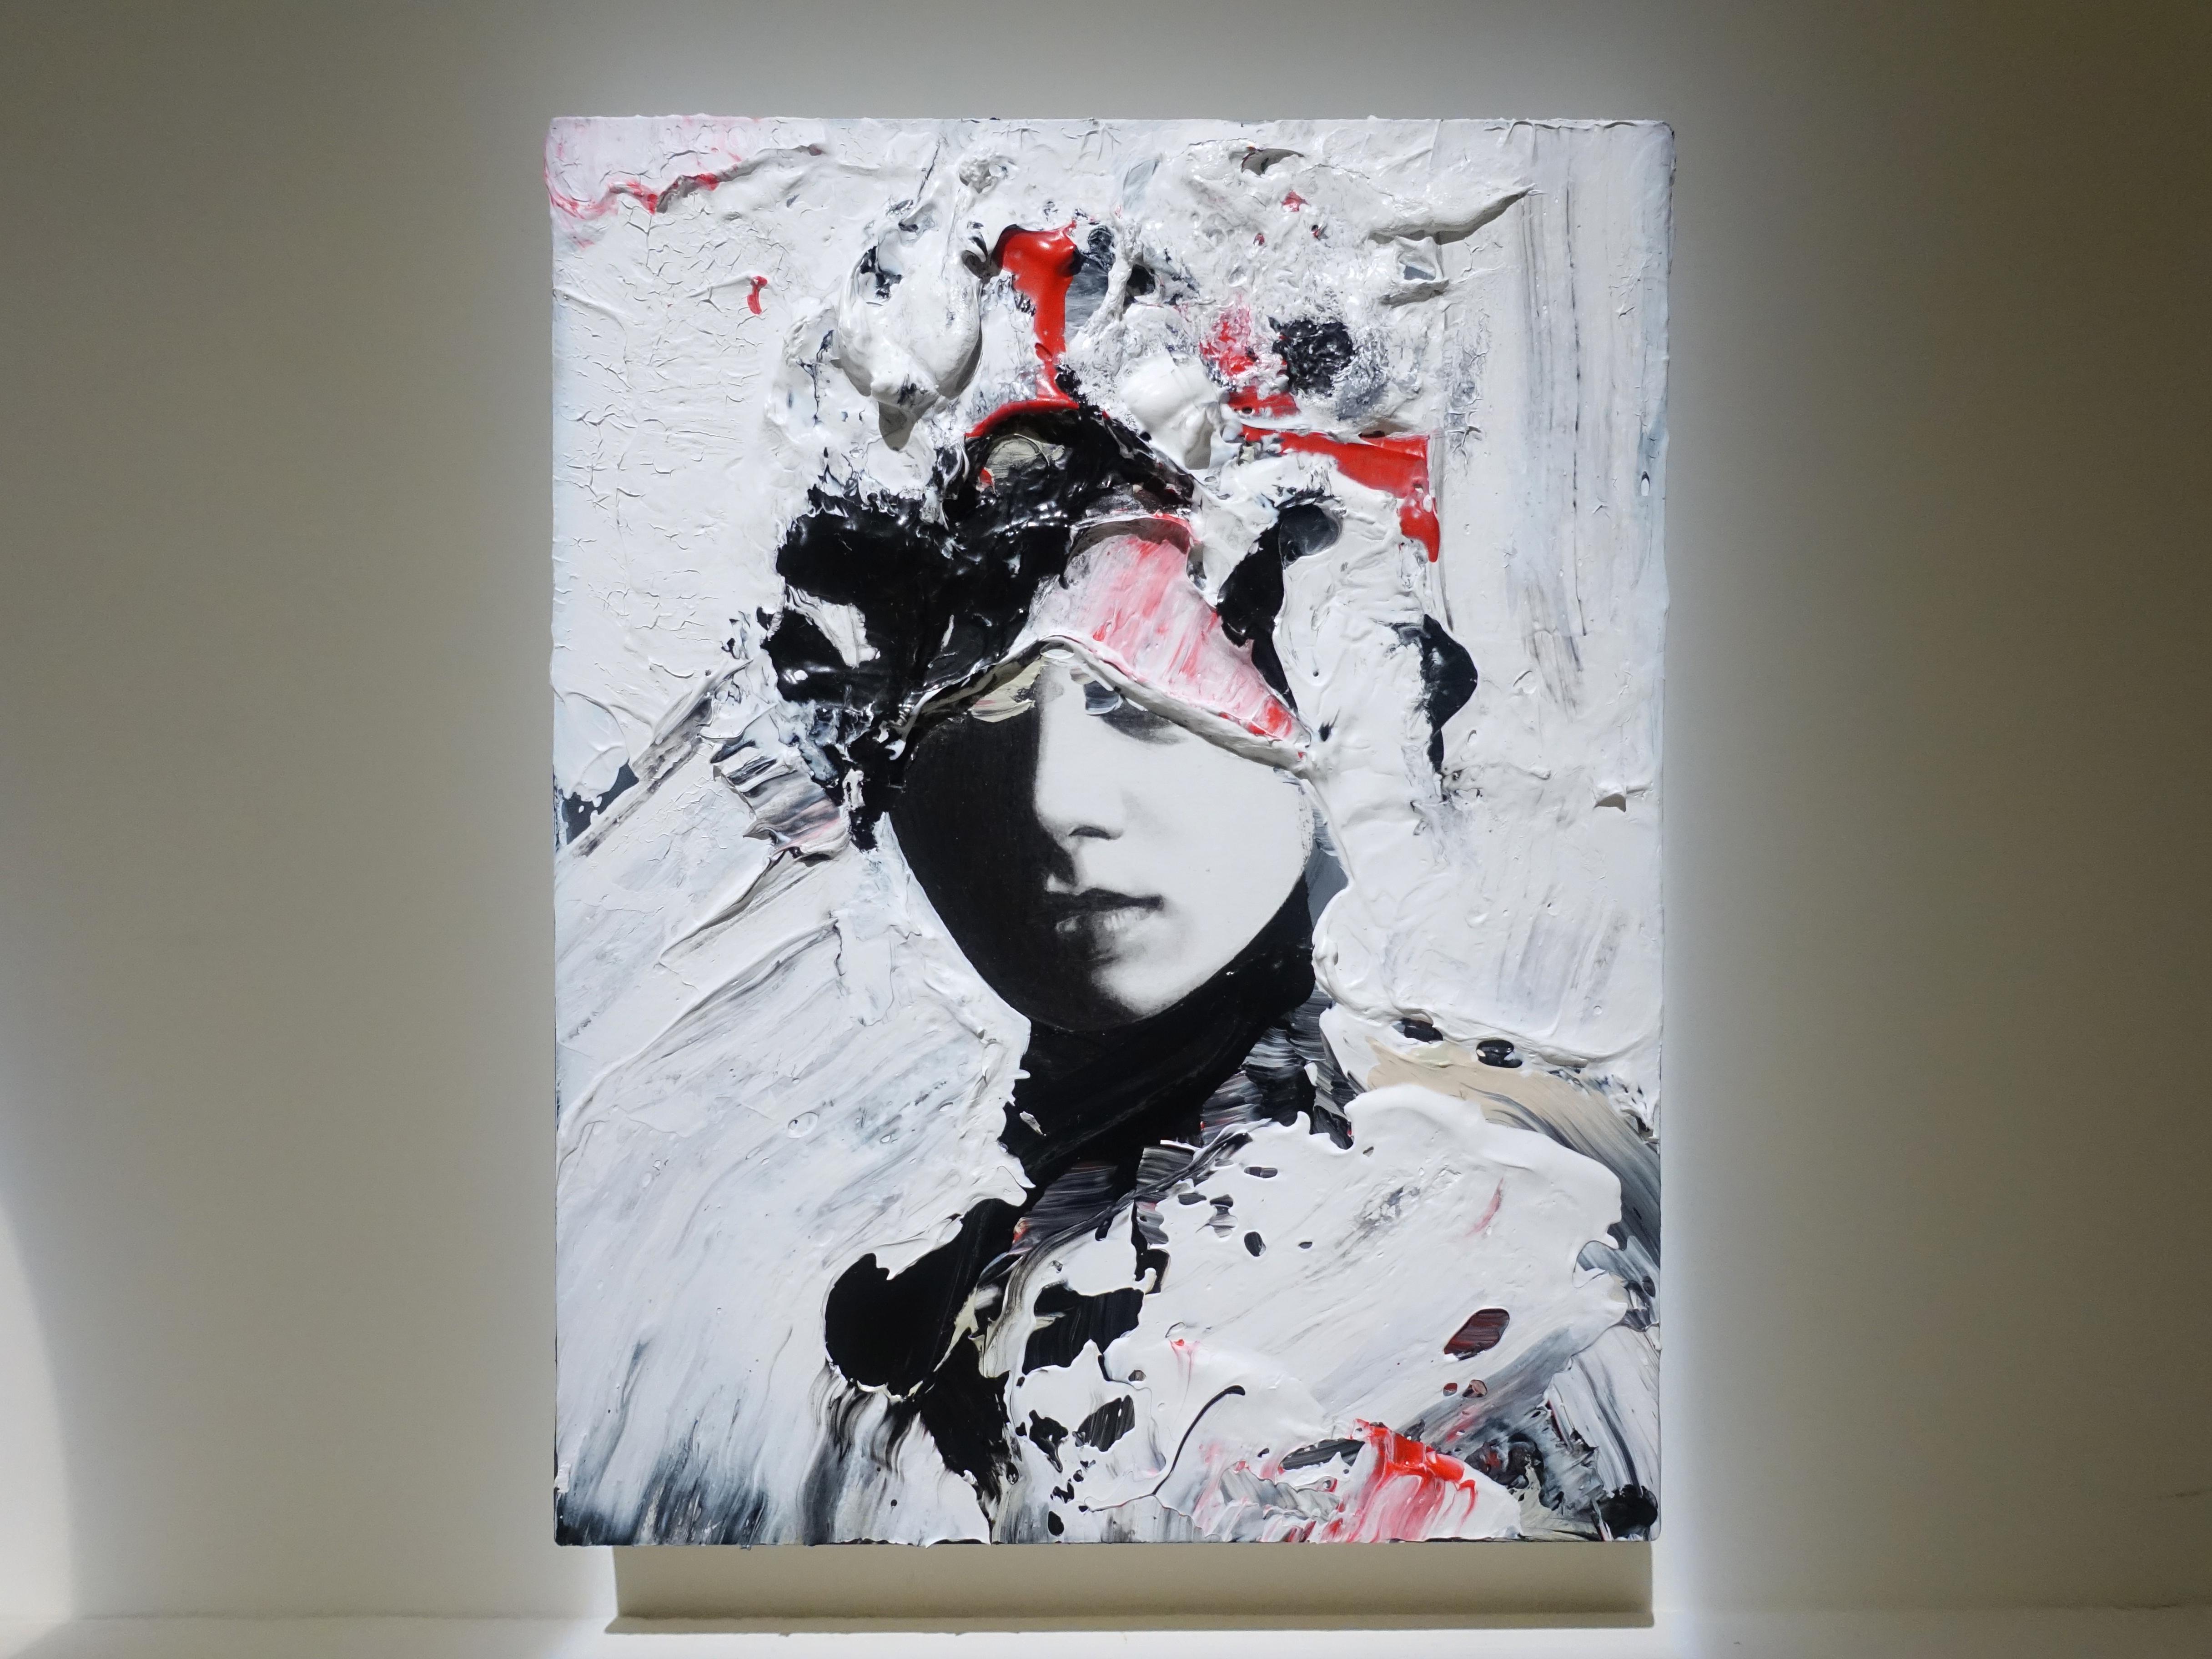 佐藤誠高,《Snip Girl 2》,18 x 14 cm,鉛筆、壓克力、紙、木板,2019。